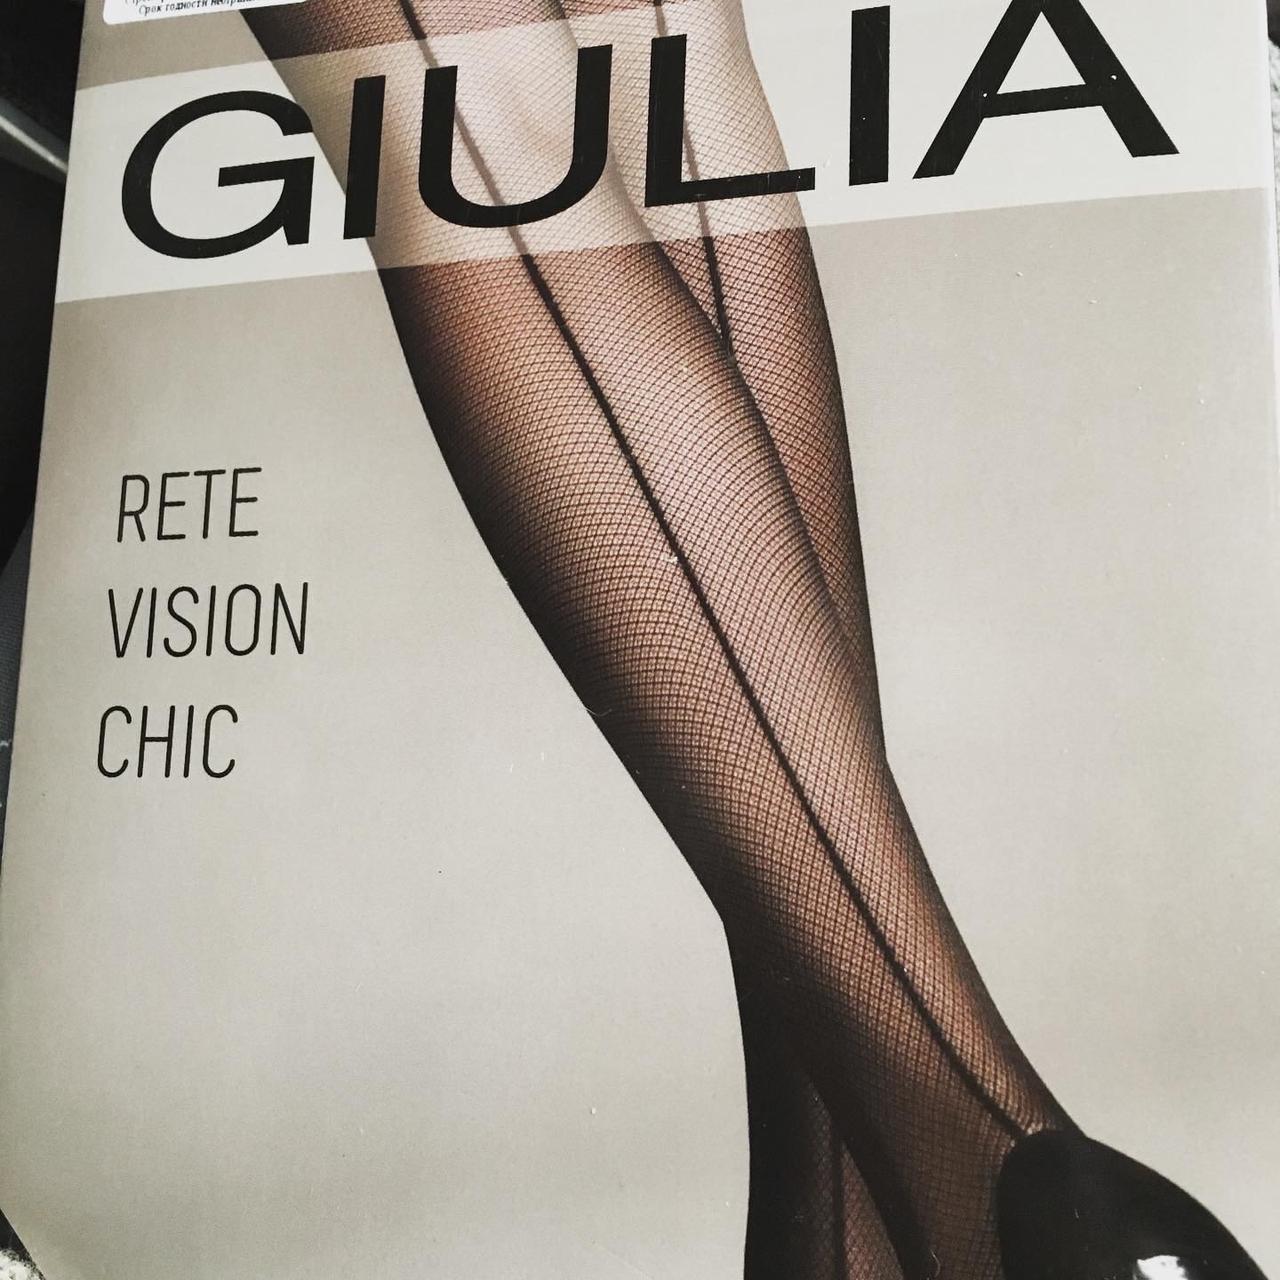 Колготки жіночі в дрібну сітку з шовчиком із зади Rete Vision Chic 40 (1)